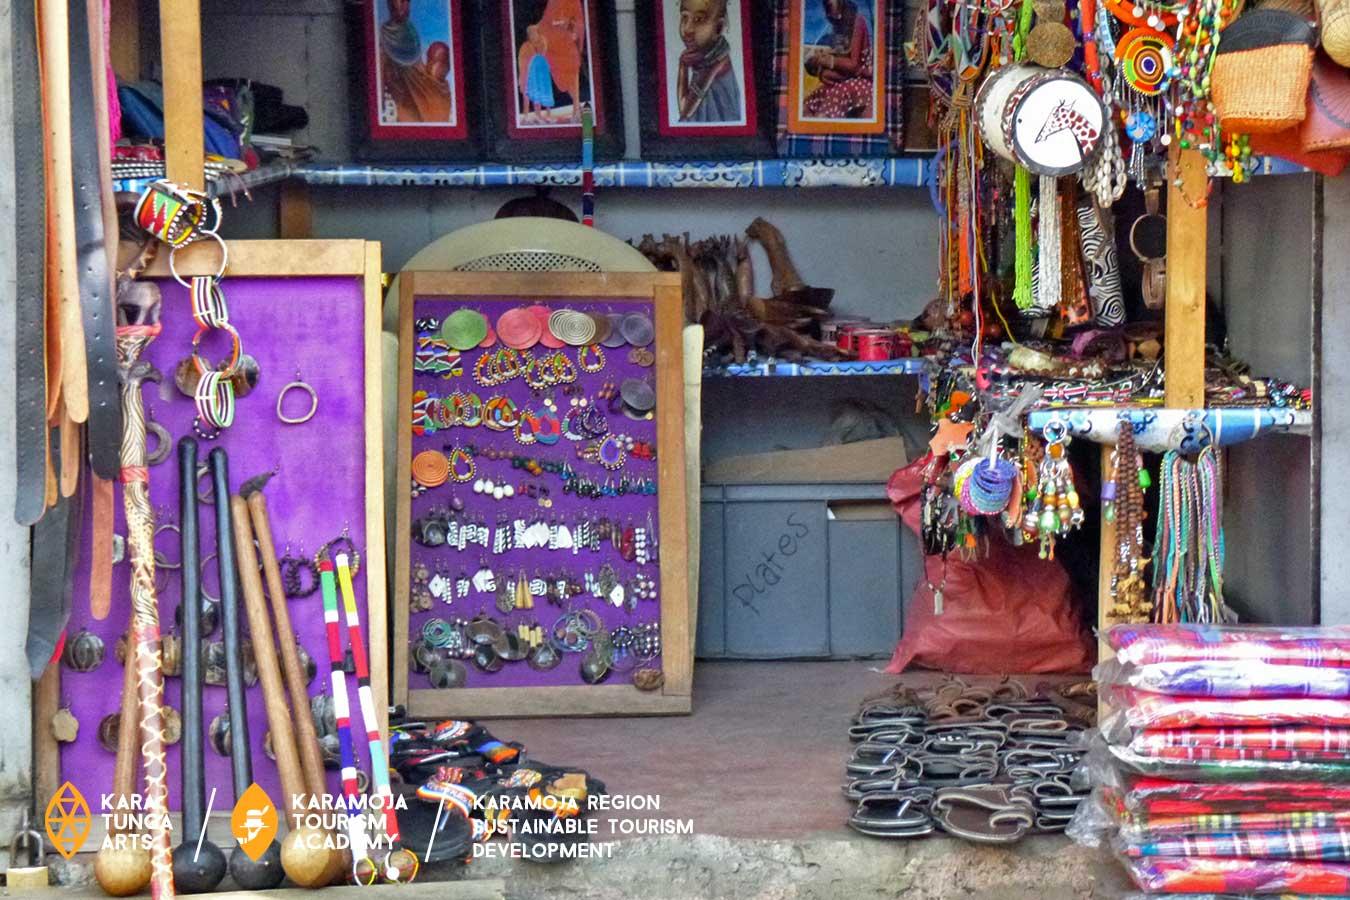 kara-tunga-karamoja-uganda-arts-crafts-tours-culture-development-27